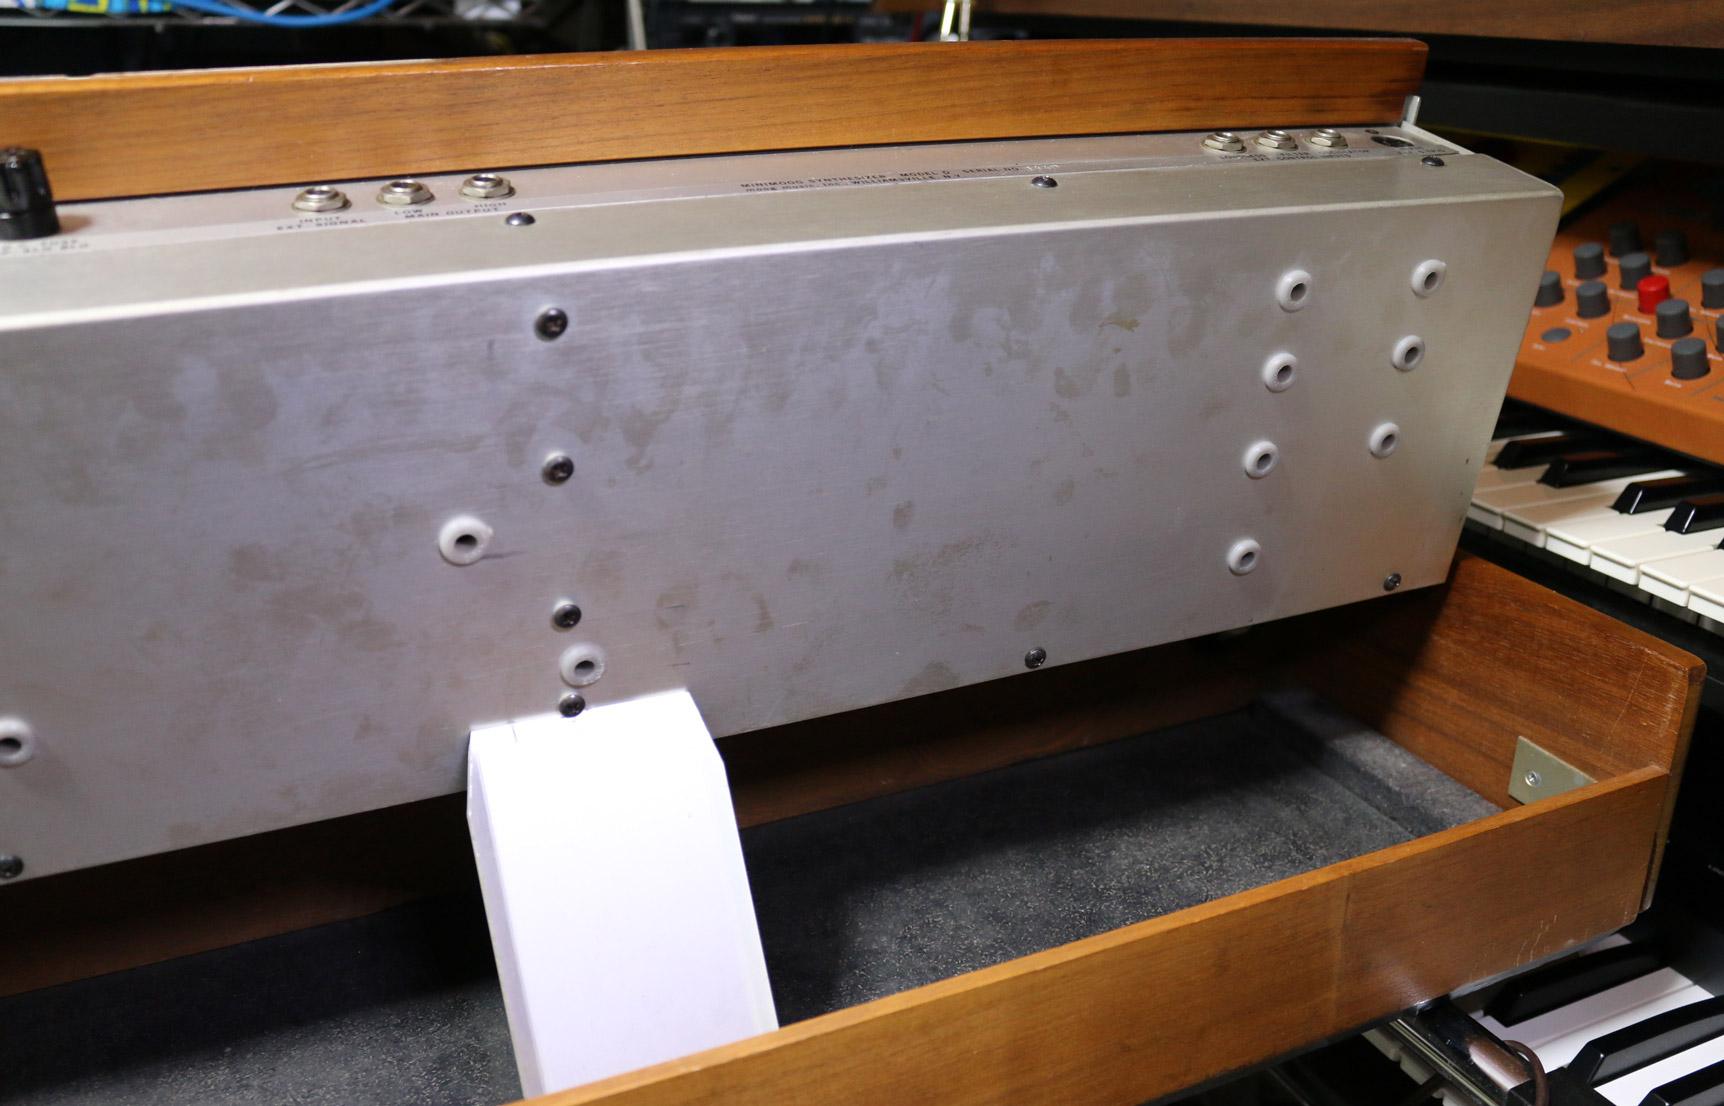 リアパネルにあるトリム穴が前期型は11個、後期型は16個となっています。